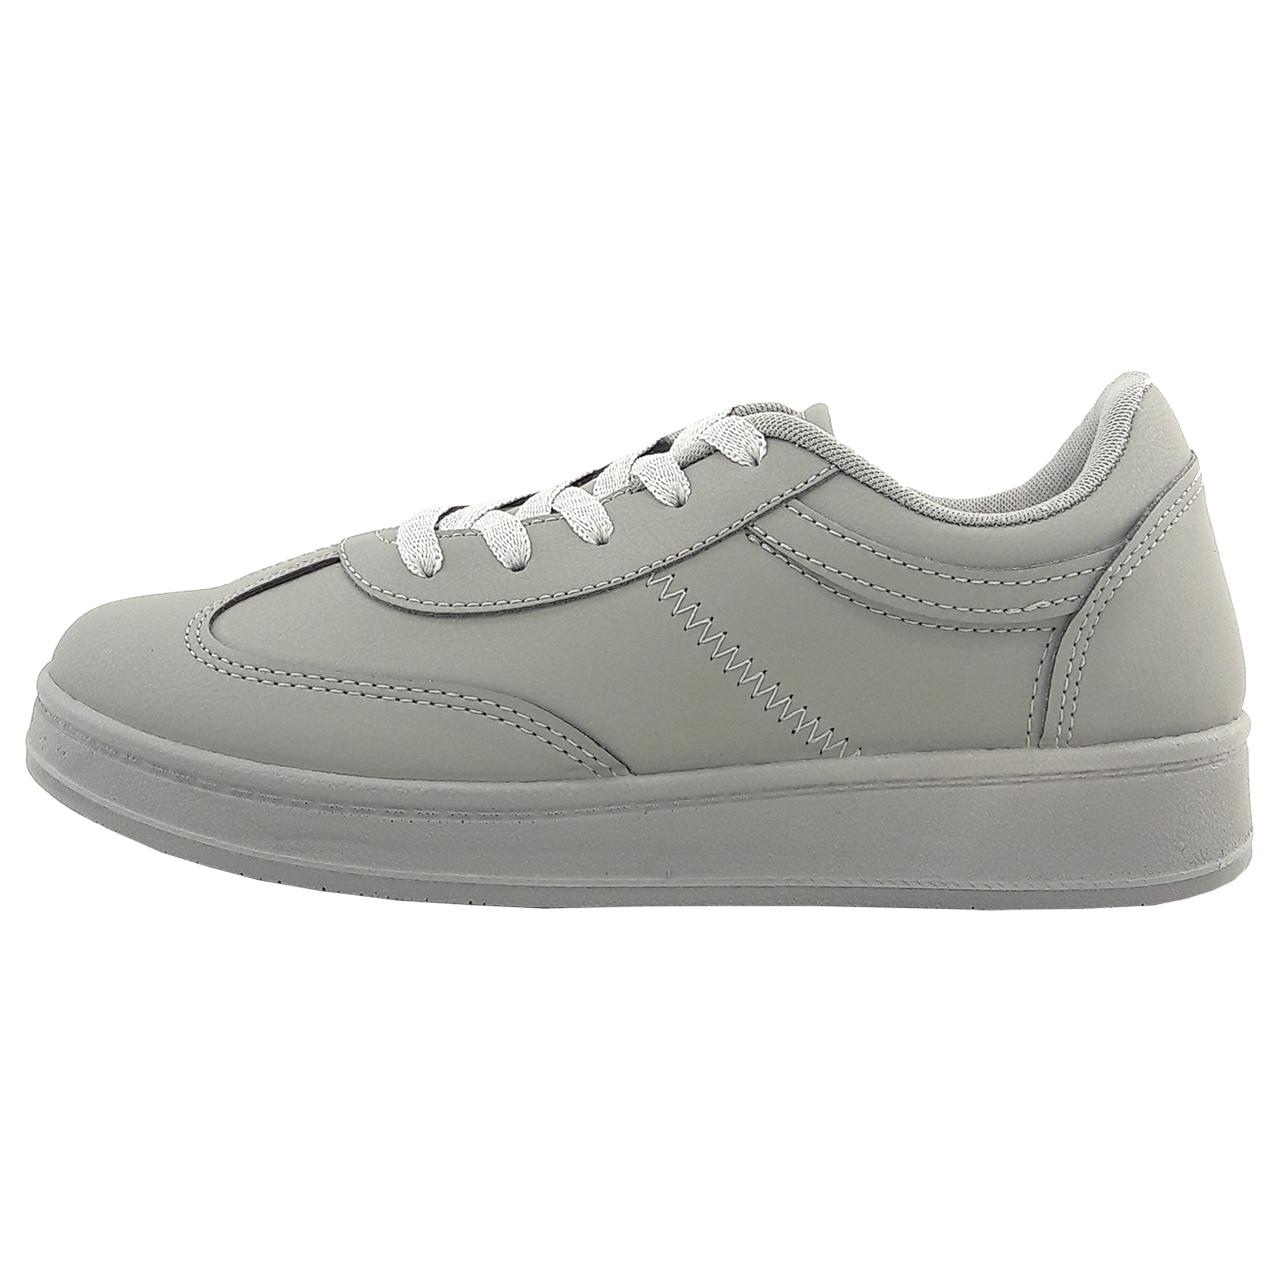 خرید کفش مخصوص پیاده روی زنانه مدل Ad.brk.gry-01